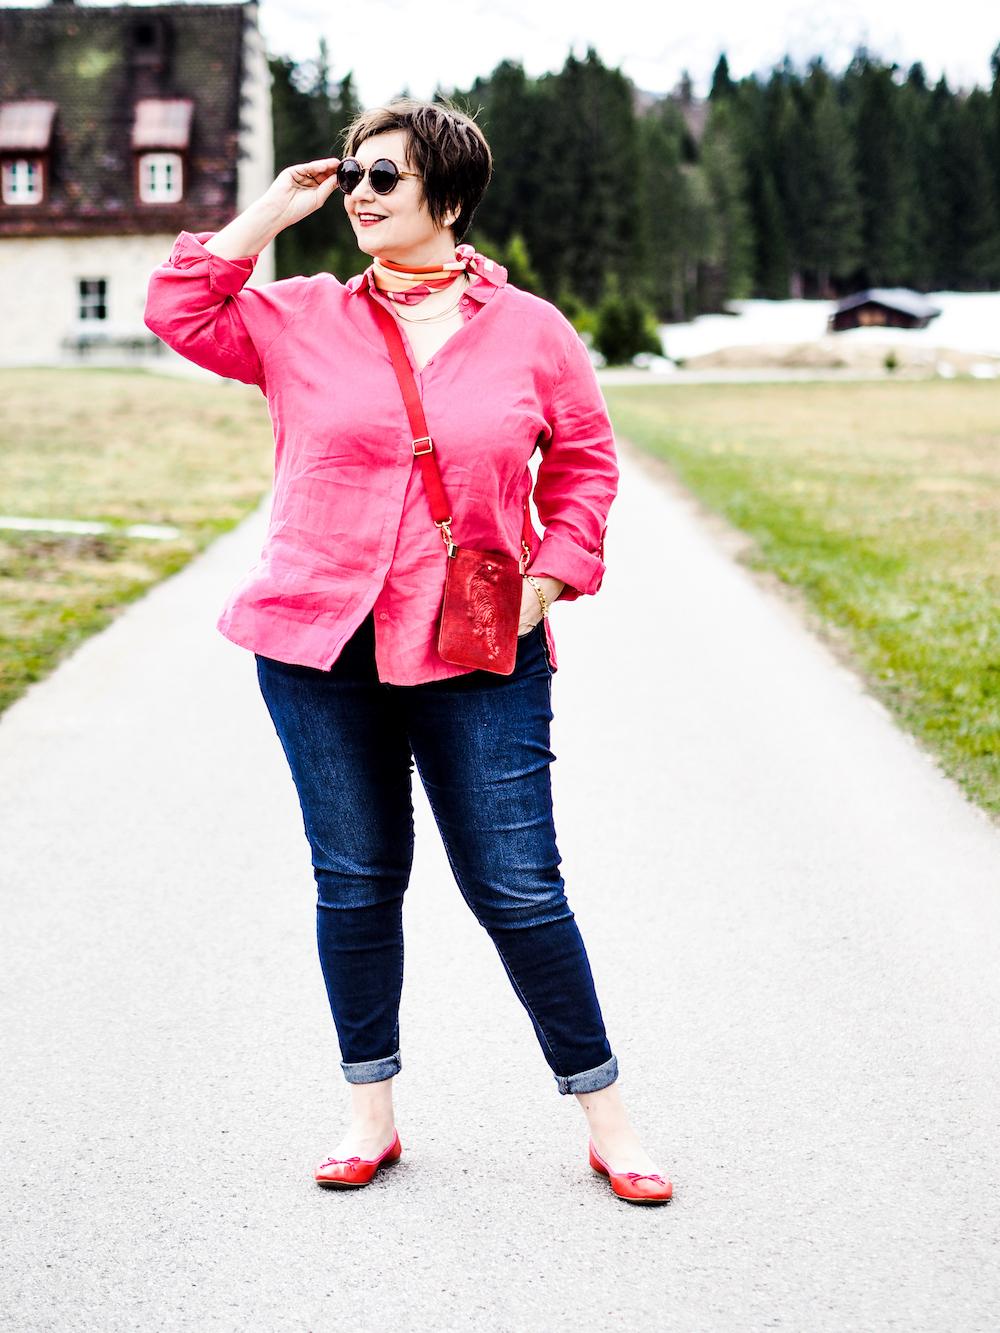 Princess for three days. Einmal Prinzessin sein – und dann auch noch in meiner Lieblingsfarbkombination Pink-Rot-Orange ...